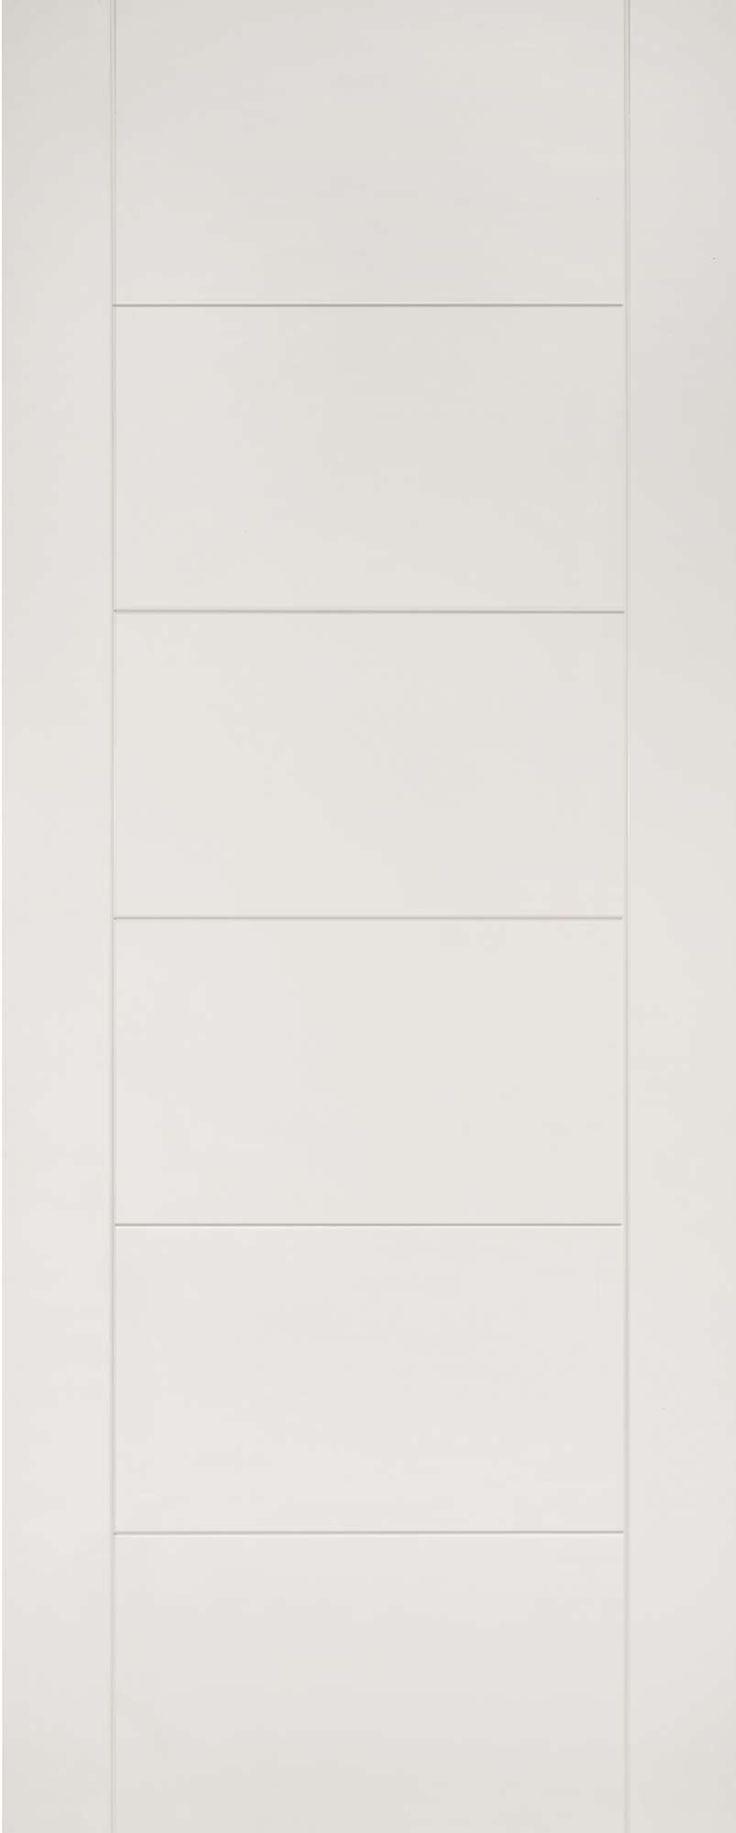 Seville Internal Engineered Primed White Door